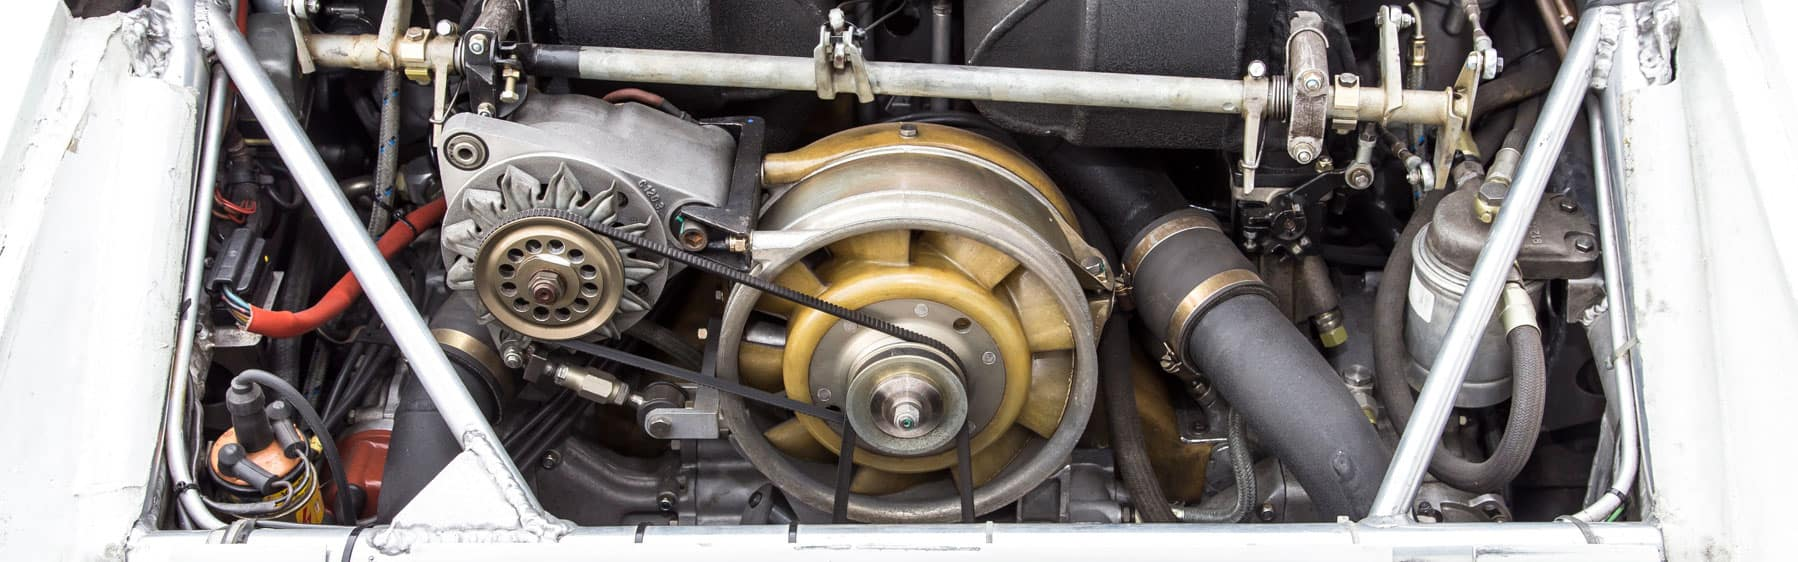 Porsche Water Cooled Engine